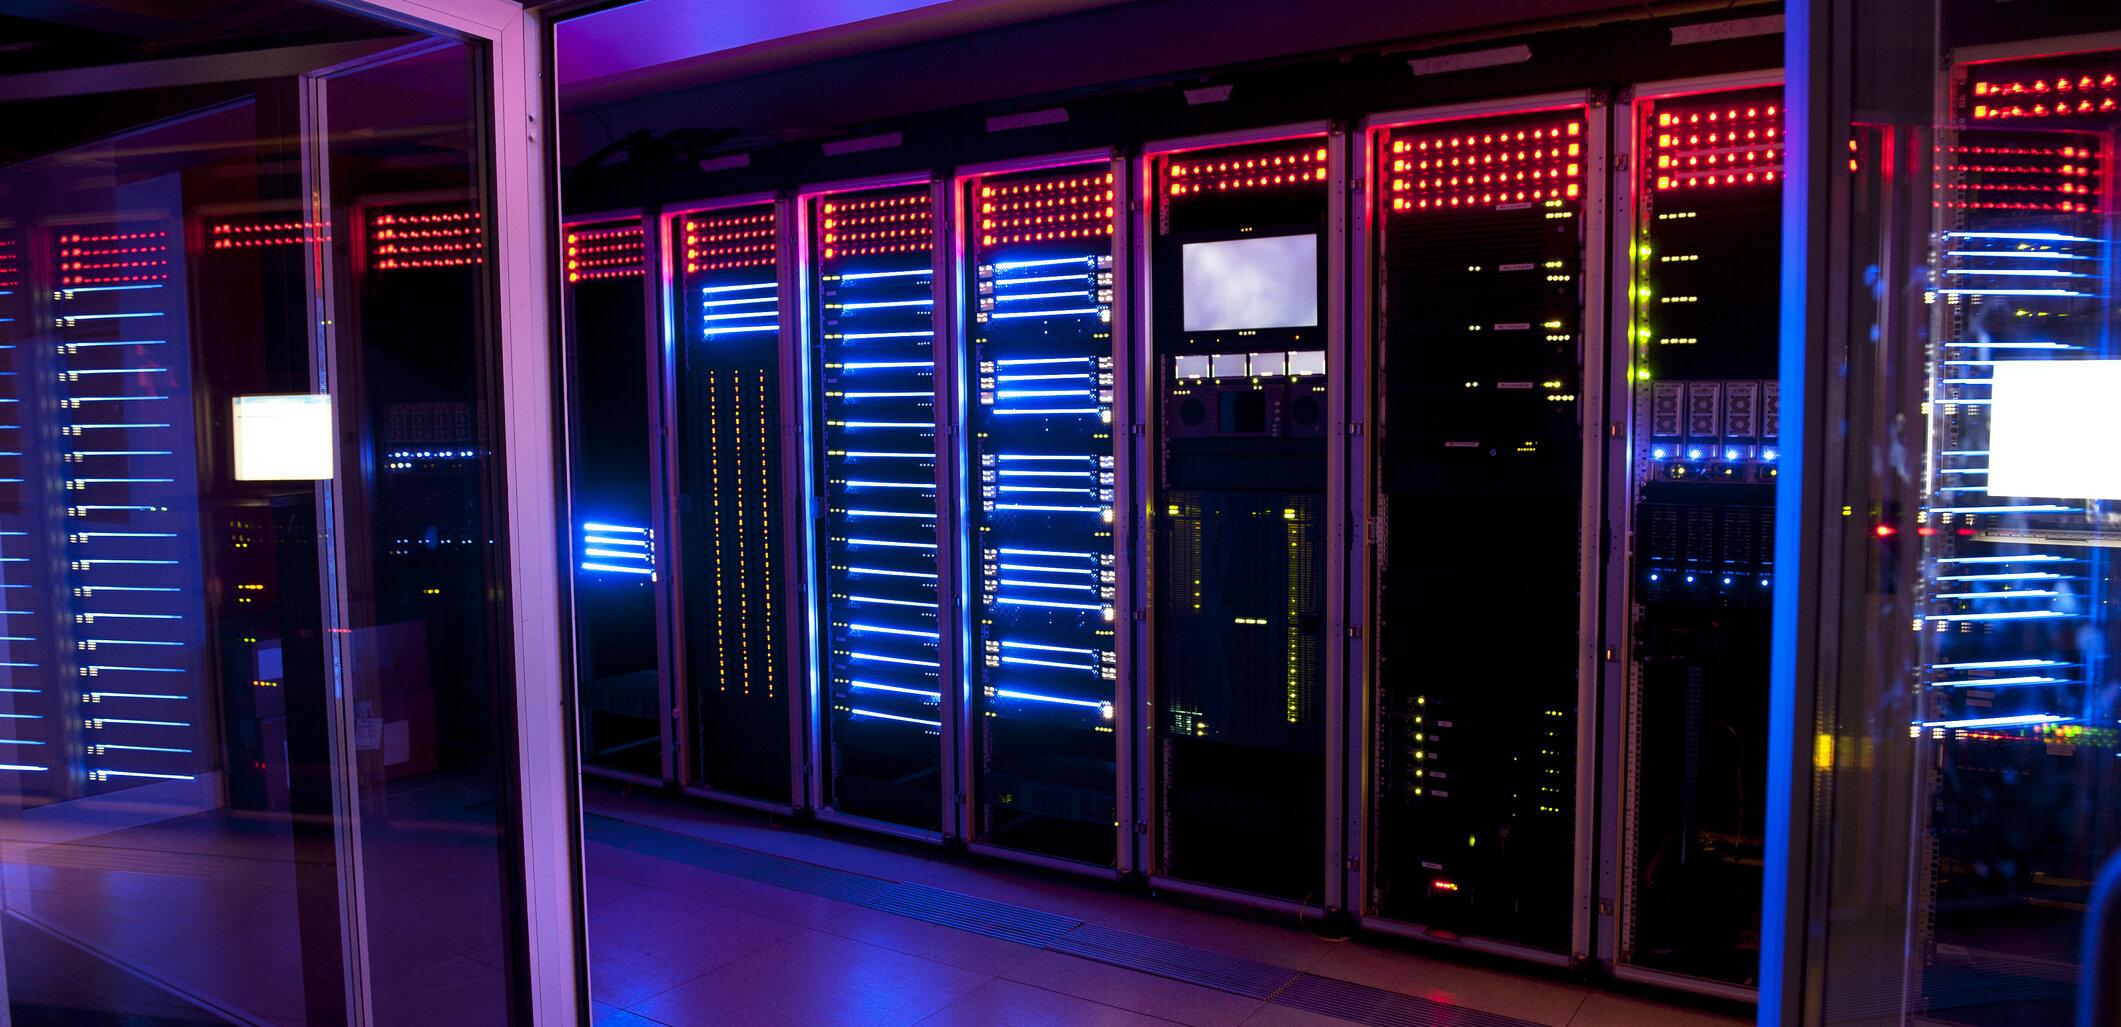 Top 500 des supercalculateurs : 1,56 exaflops au total, 600 pétaflops aux États-Unis, 67 en France